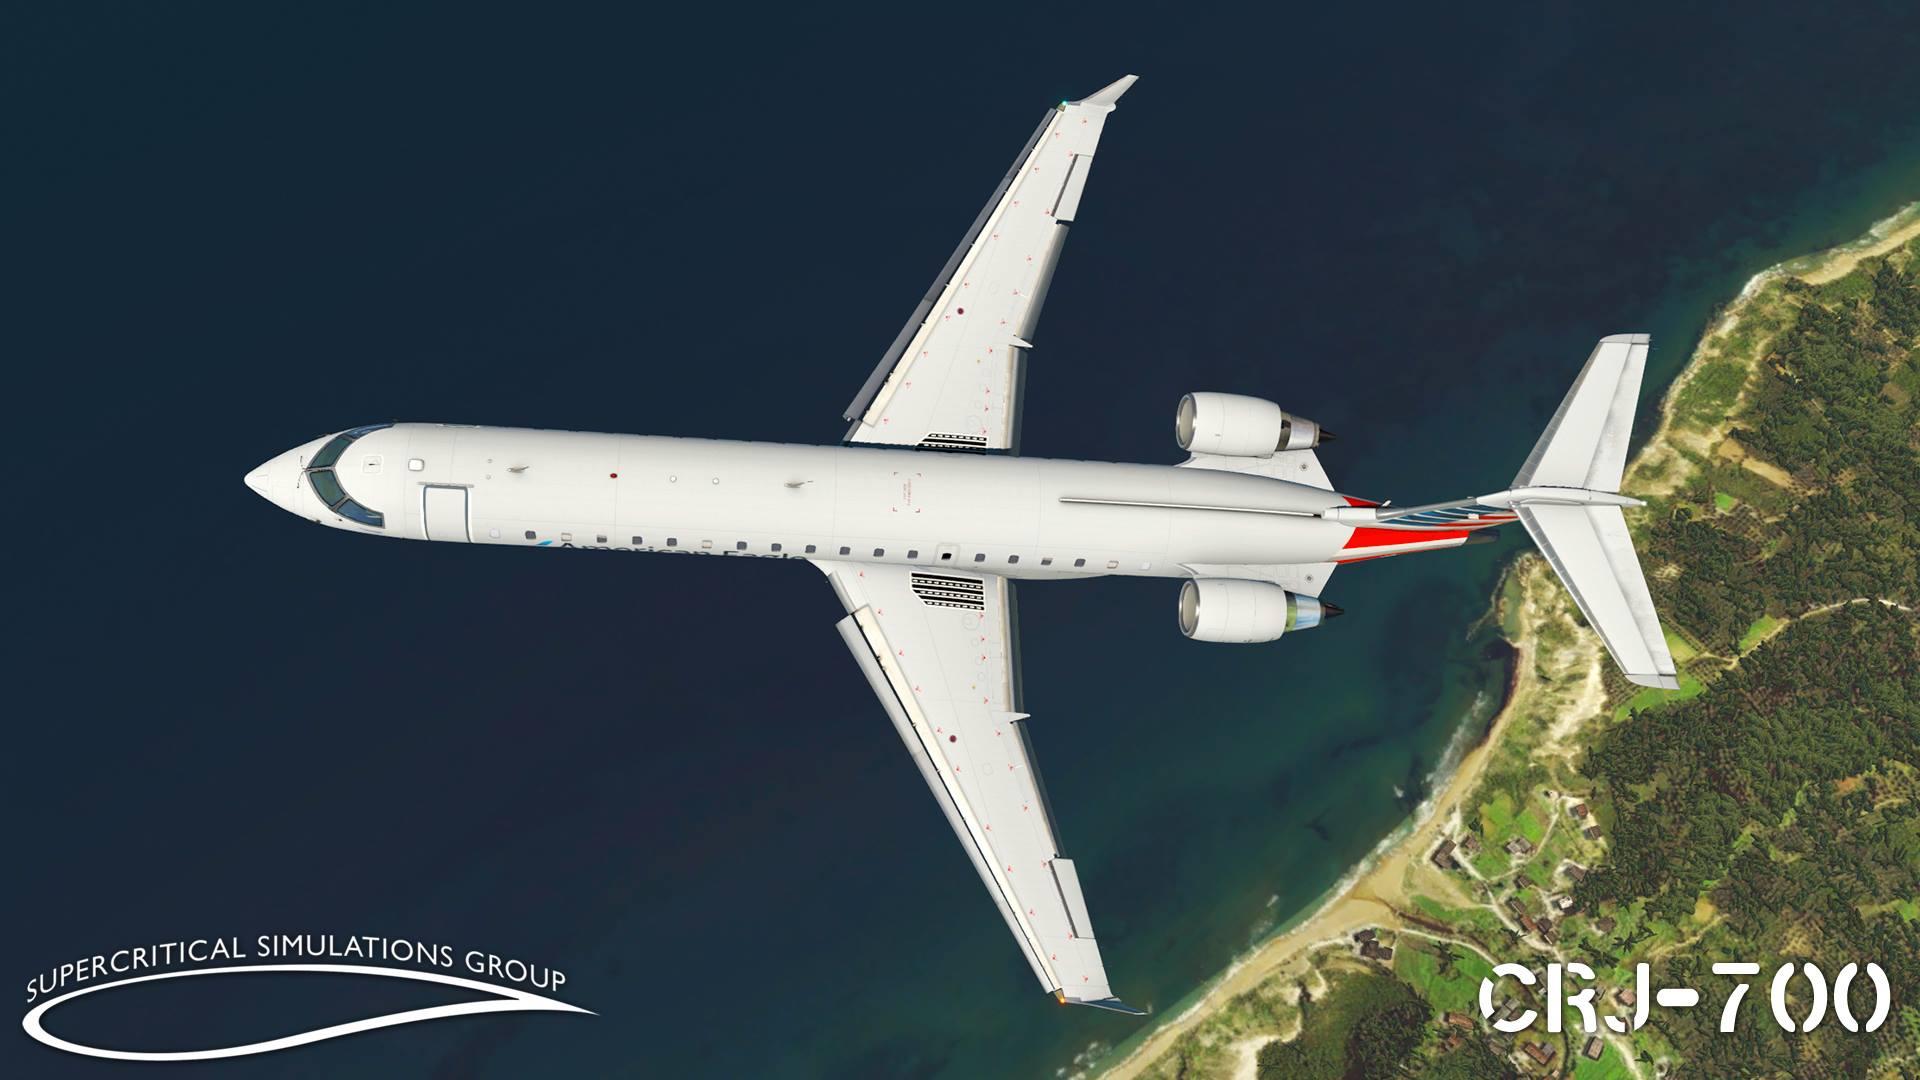 SSG CRJ-Series for X-Plane 11 with new previews - flightsim news